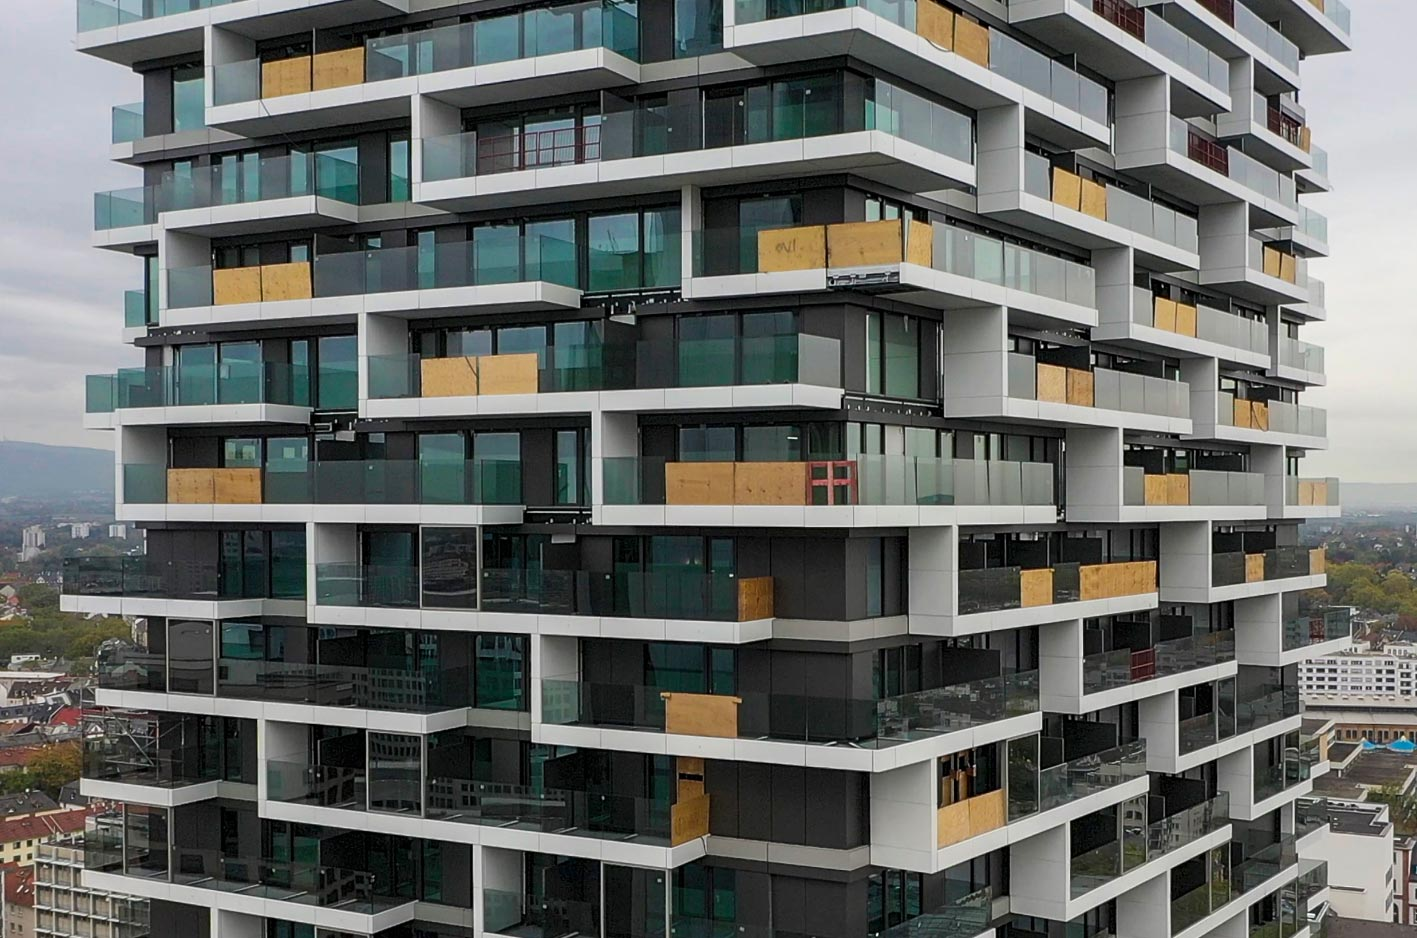 ONE FORTY WEST der Commerz Real in Frankfurt - Architektur Cyrus Moser Architekten - Installation der Balkone